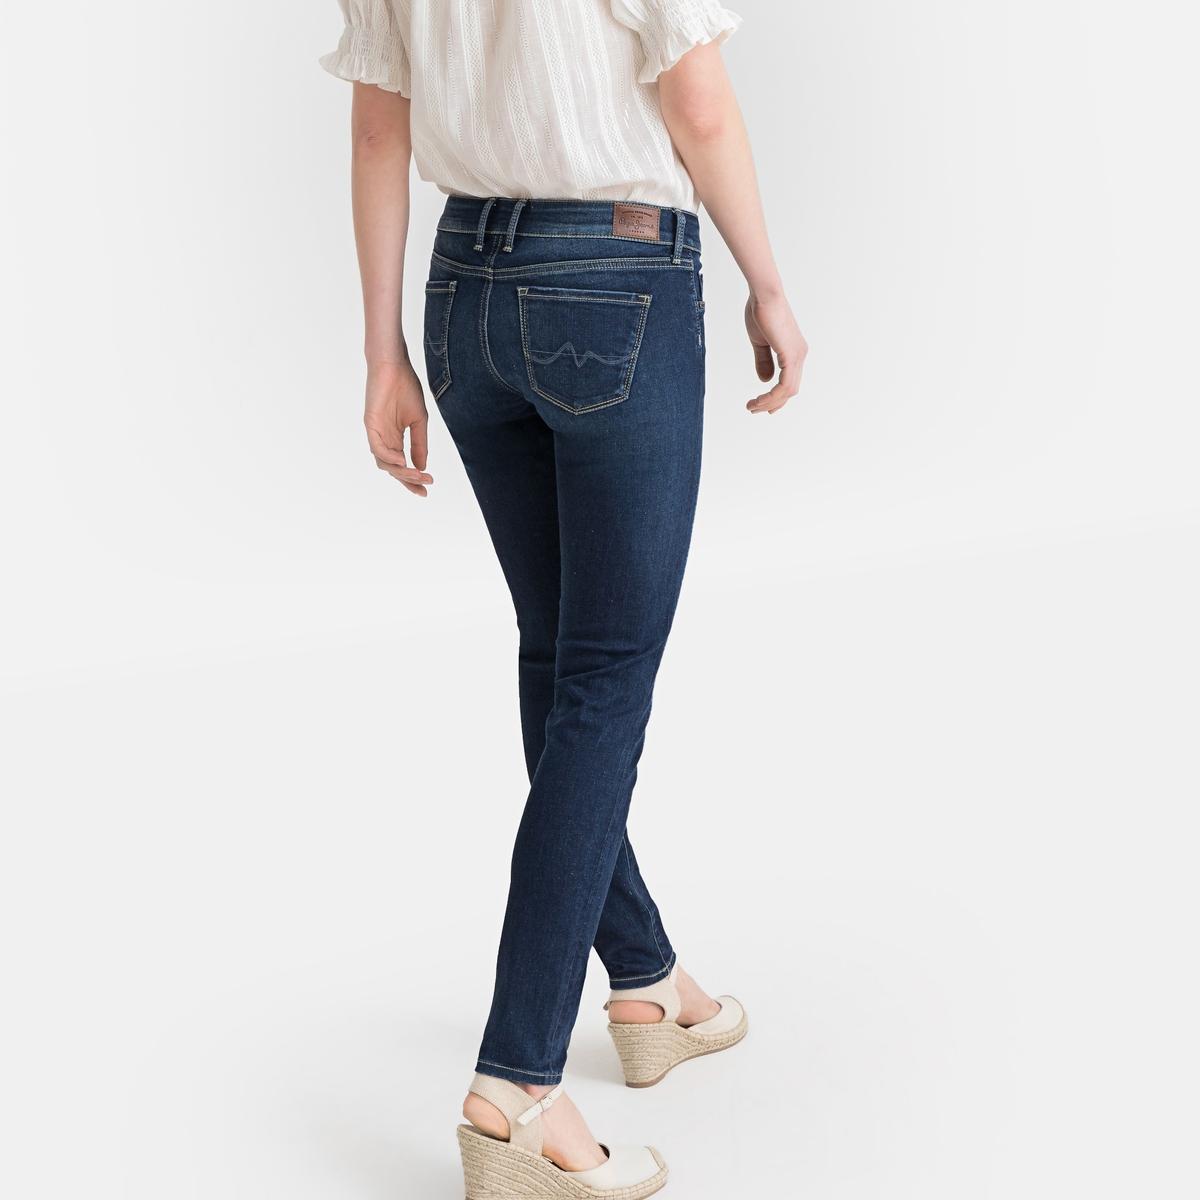 Фото - Джинсы LaRedoute Скинни Soho 25/32 синий джинсы laredoute скинни длина 30 s черный